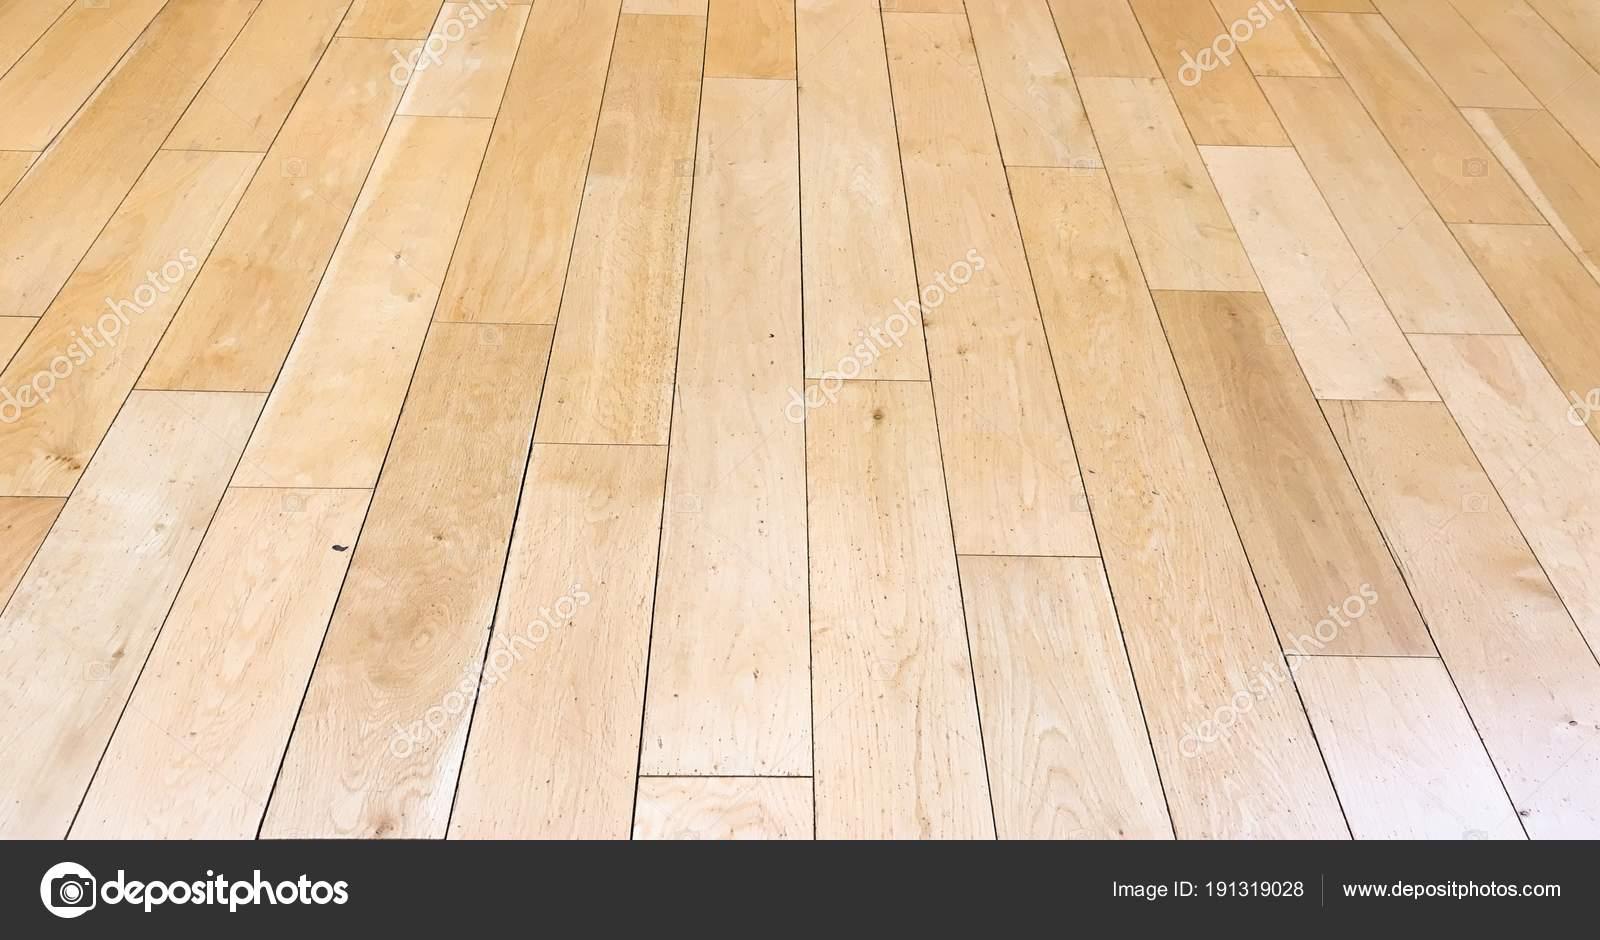 Licht bruin zacht houten vloer oppervlaktetextuur als achtergrond